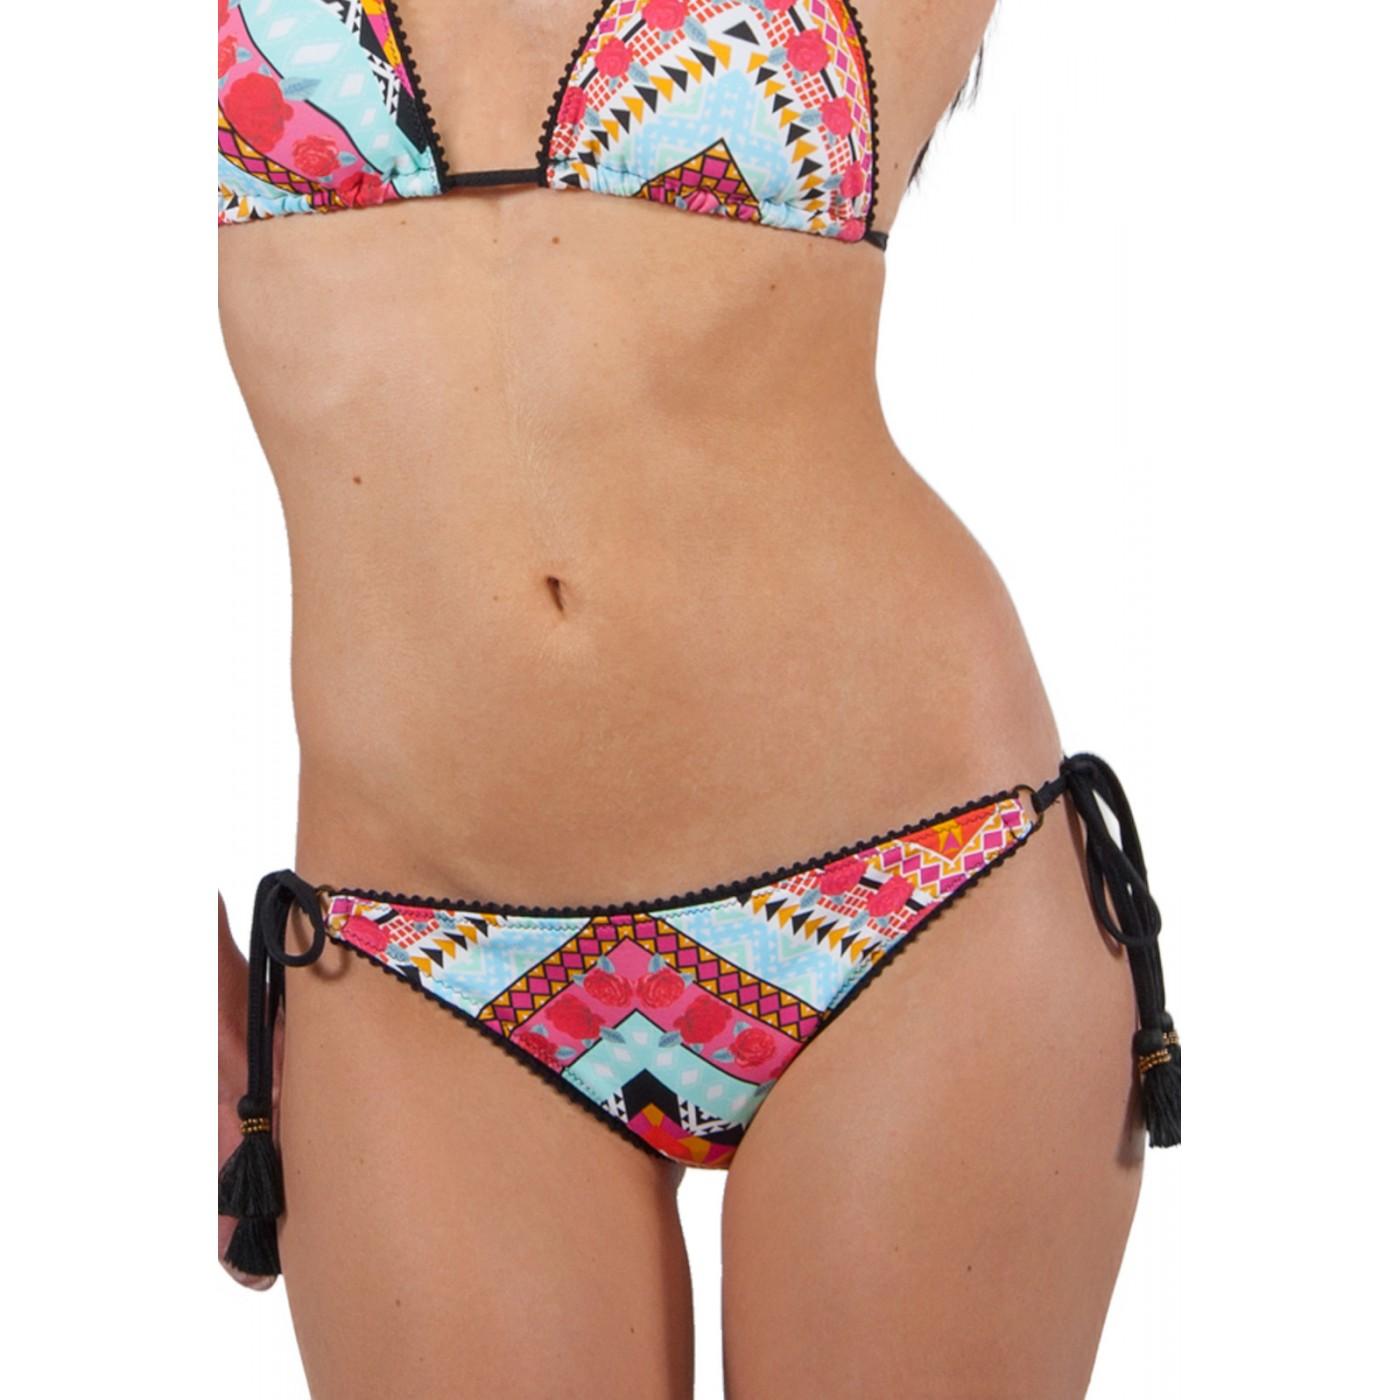 Azteque Noirs Pompons Et Petits Azteca Bikini À Milonga Motif Multicolore dsQtrh